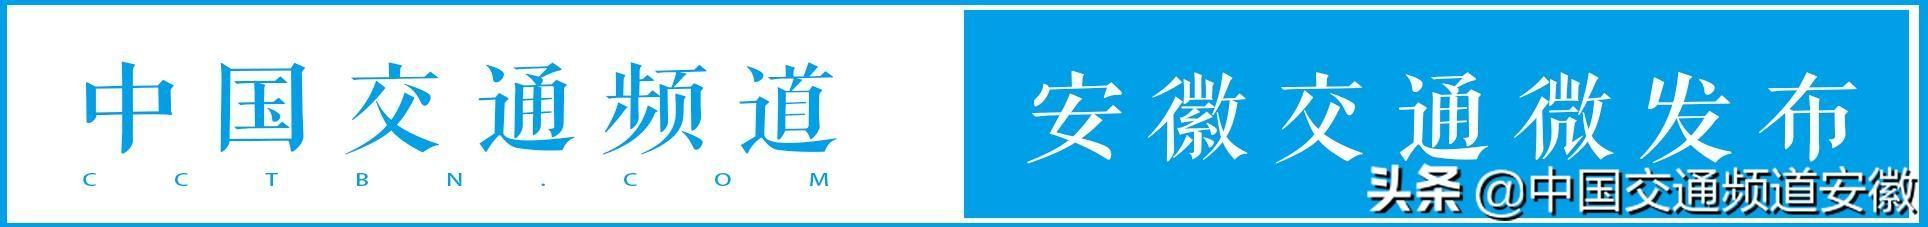 安庆机场新建航站楼设计方案公示,位于宜秀区象山村!